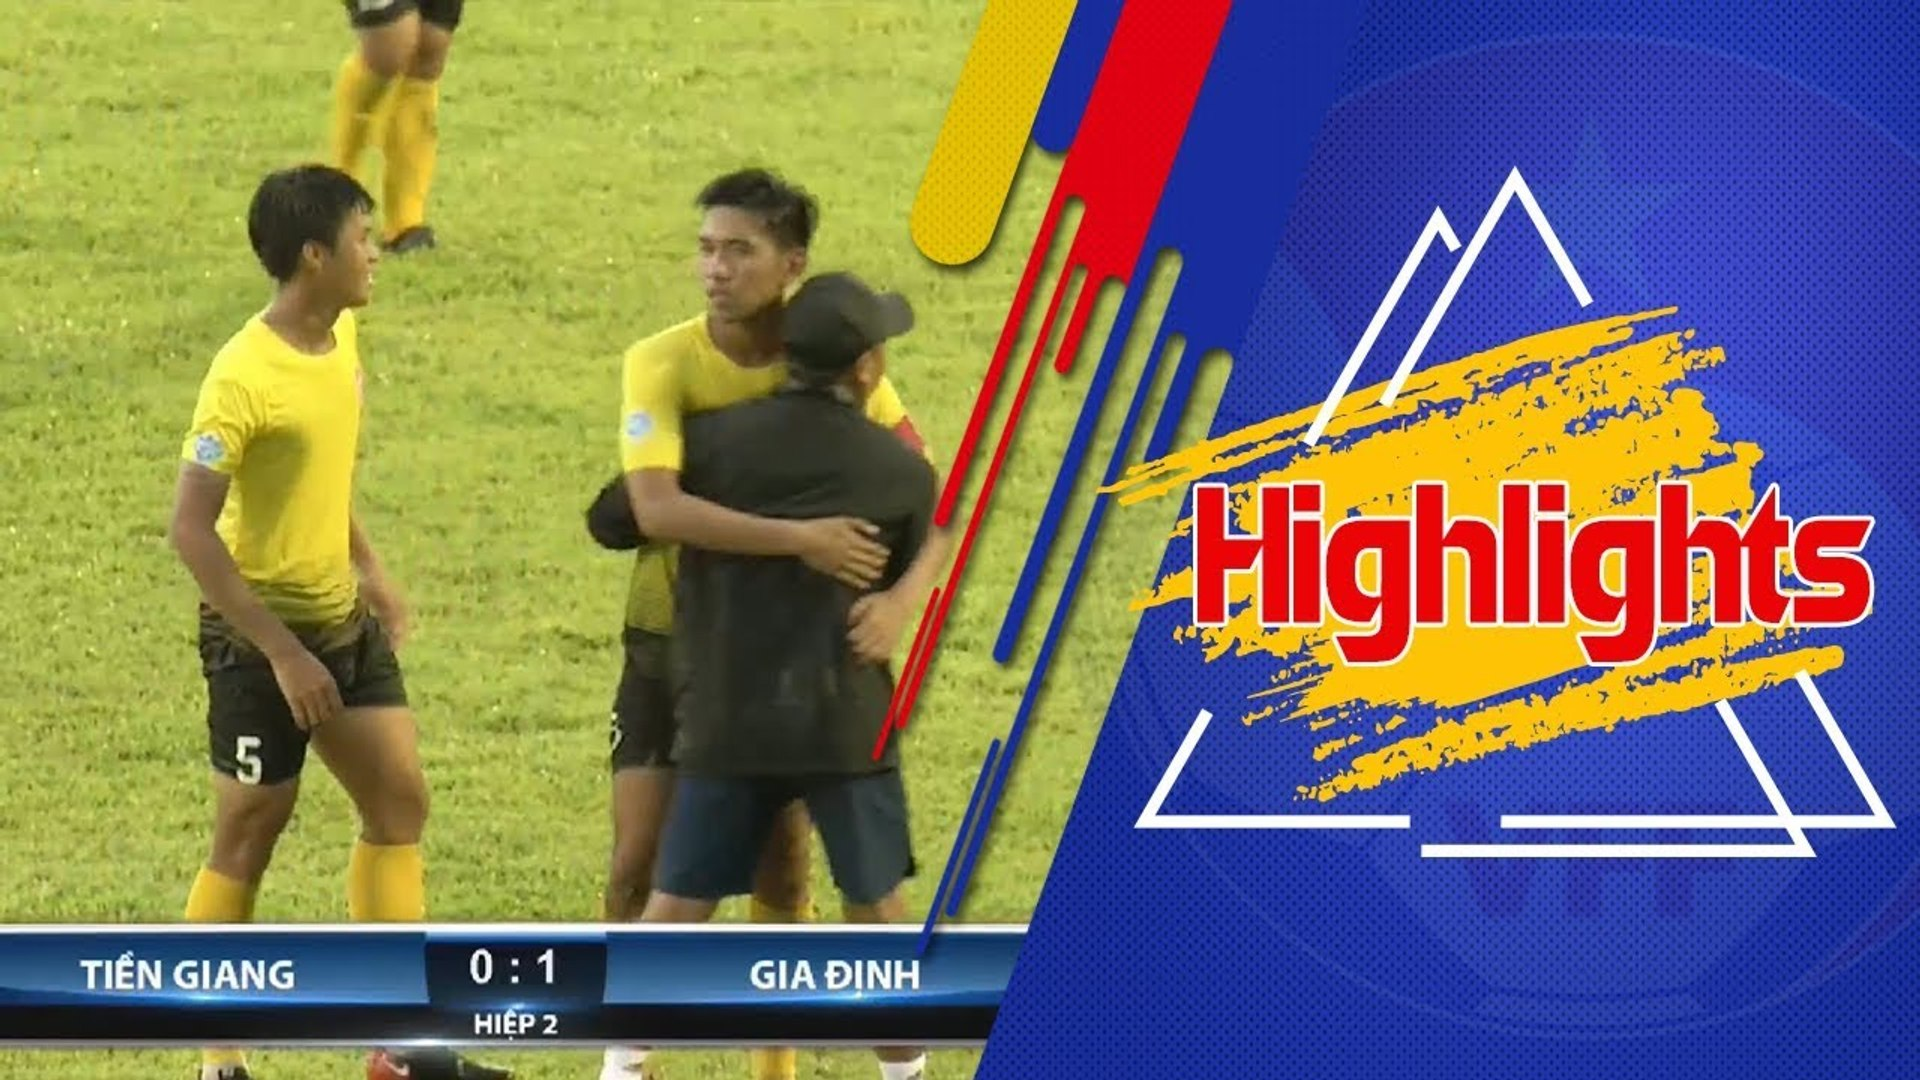 Vỡ òa phút cuối, Gia Định giành 3 điểm ngay trên sân Tiền Giang | Vòng 4 giải hạng nhì QG 2019 |